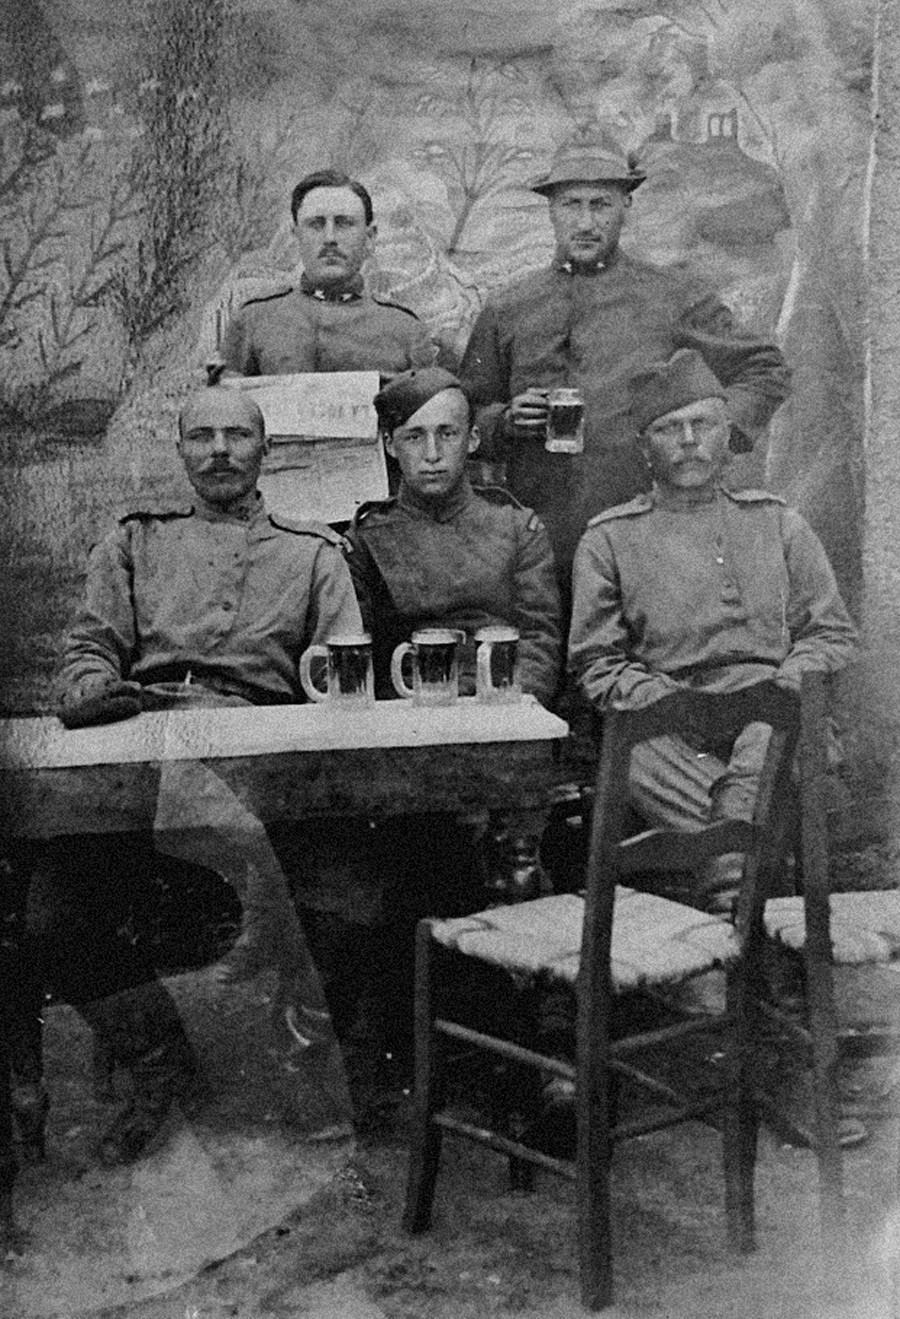 Рус, Француз, Американац, Италијан и Србин пију пиво на Васкрс (1910-1913).